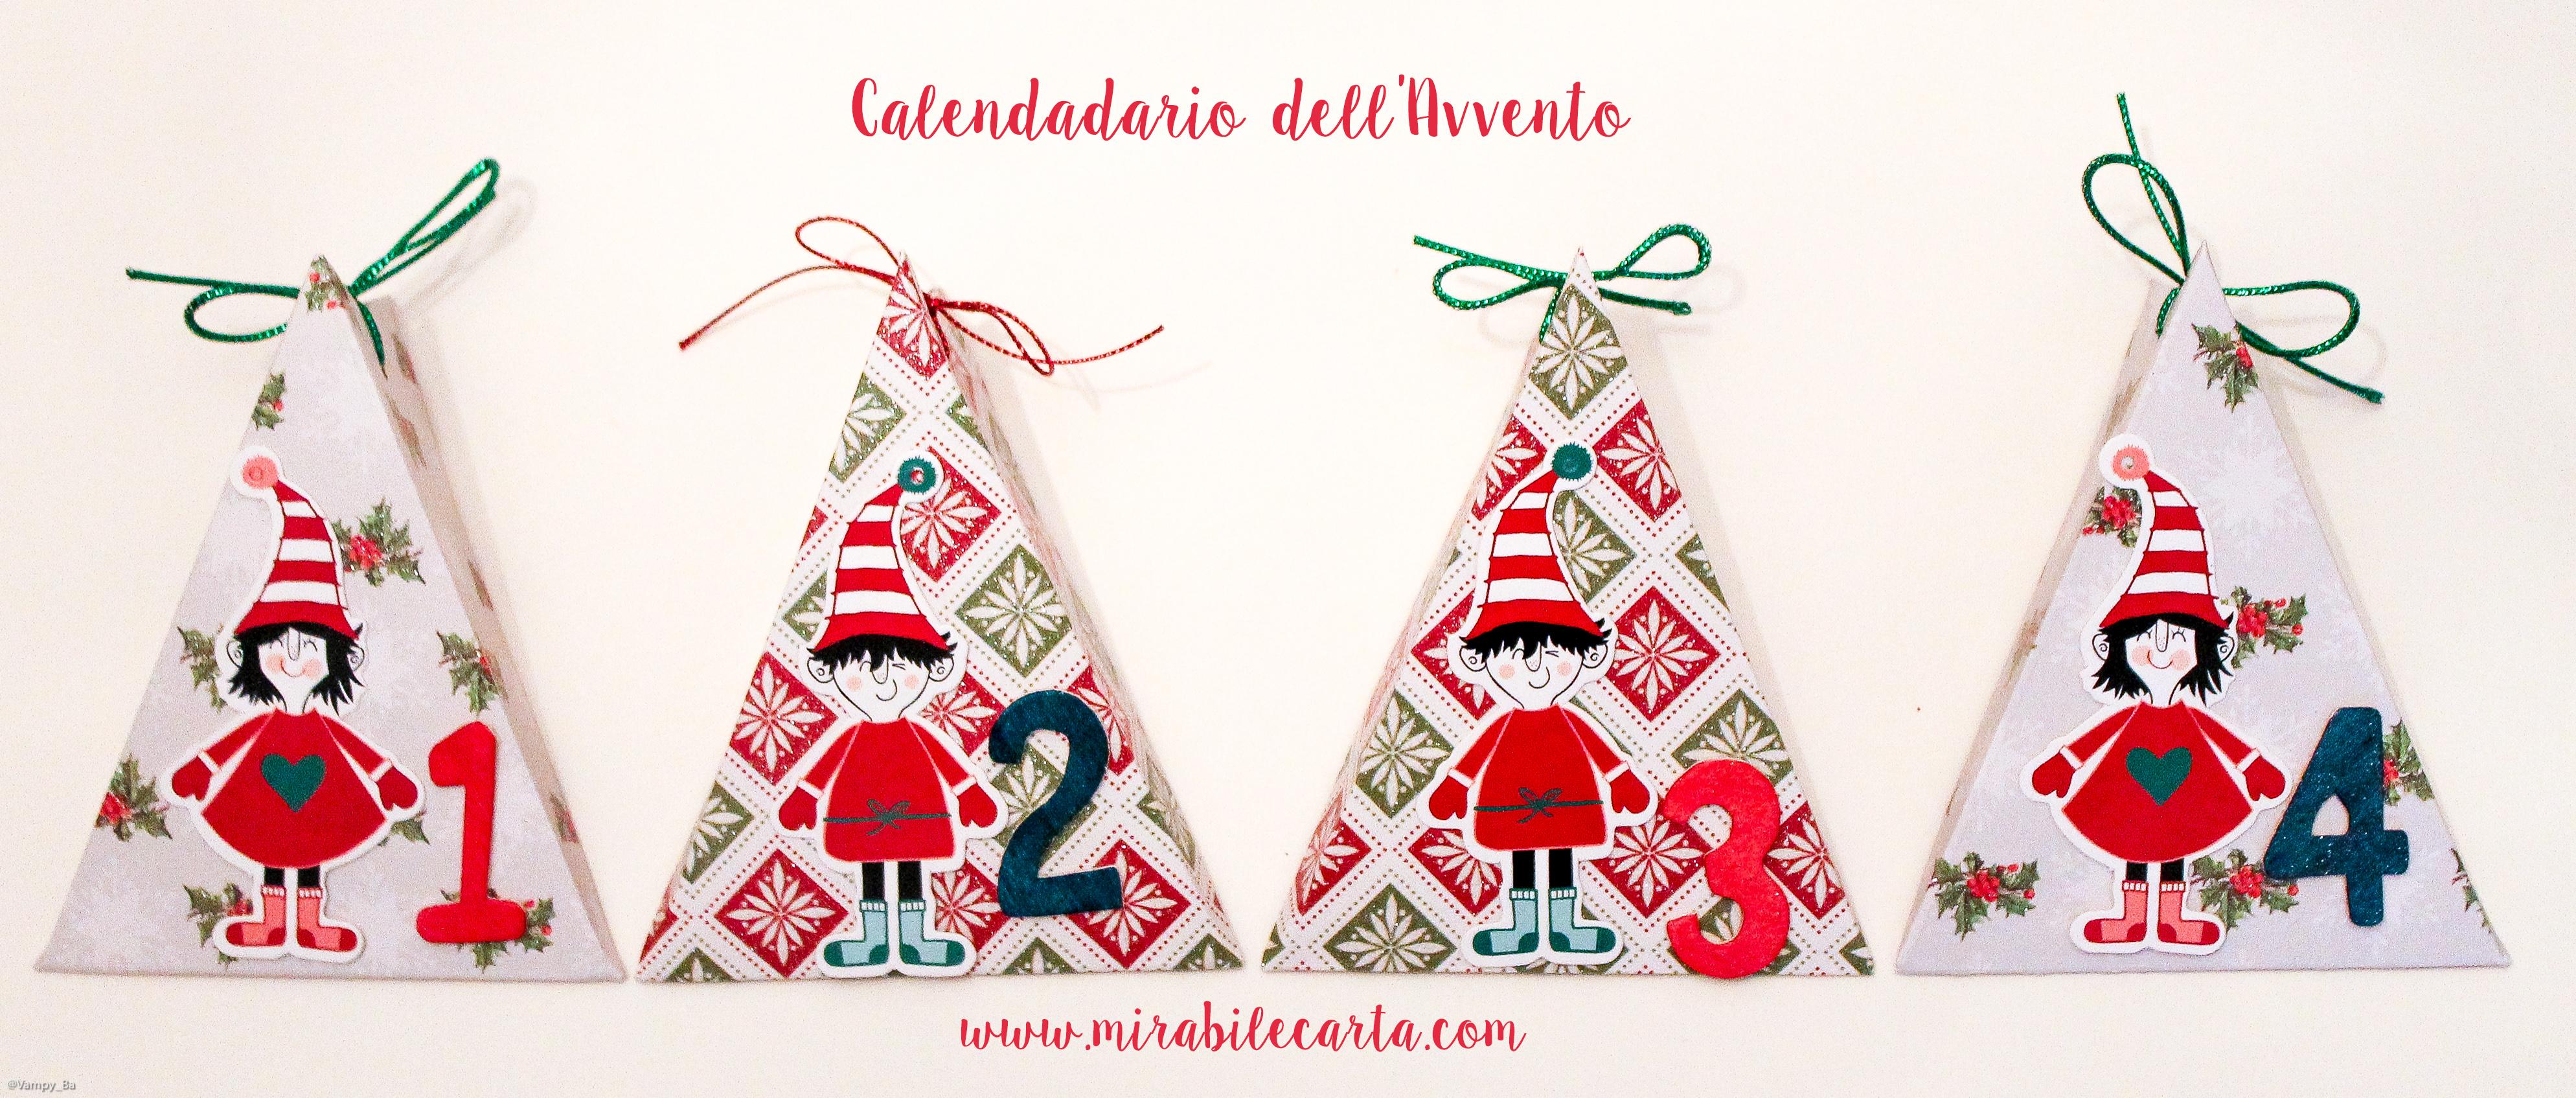 calendarioavvento_mirabilecarta01.jpg